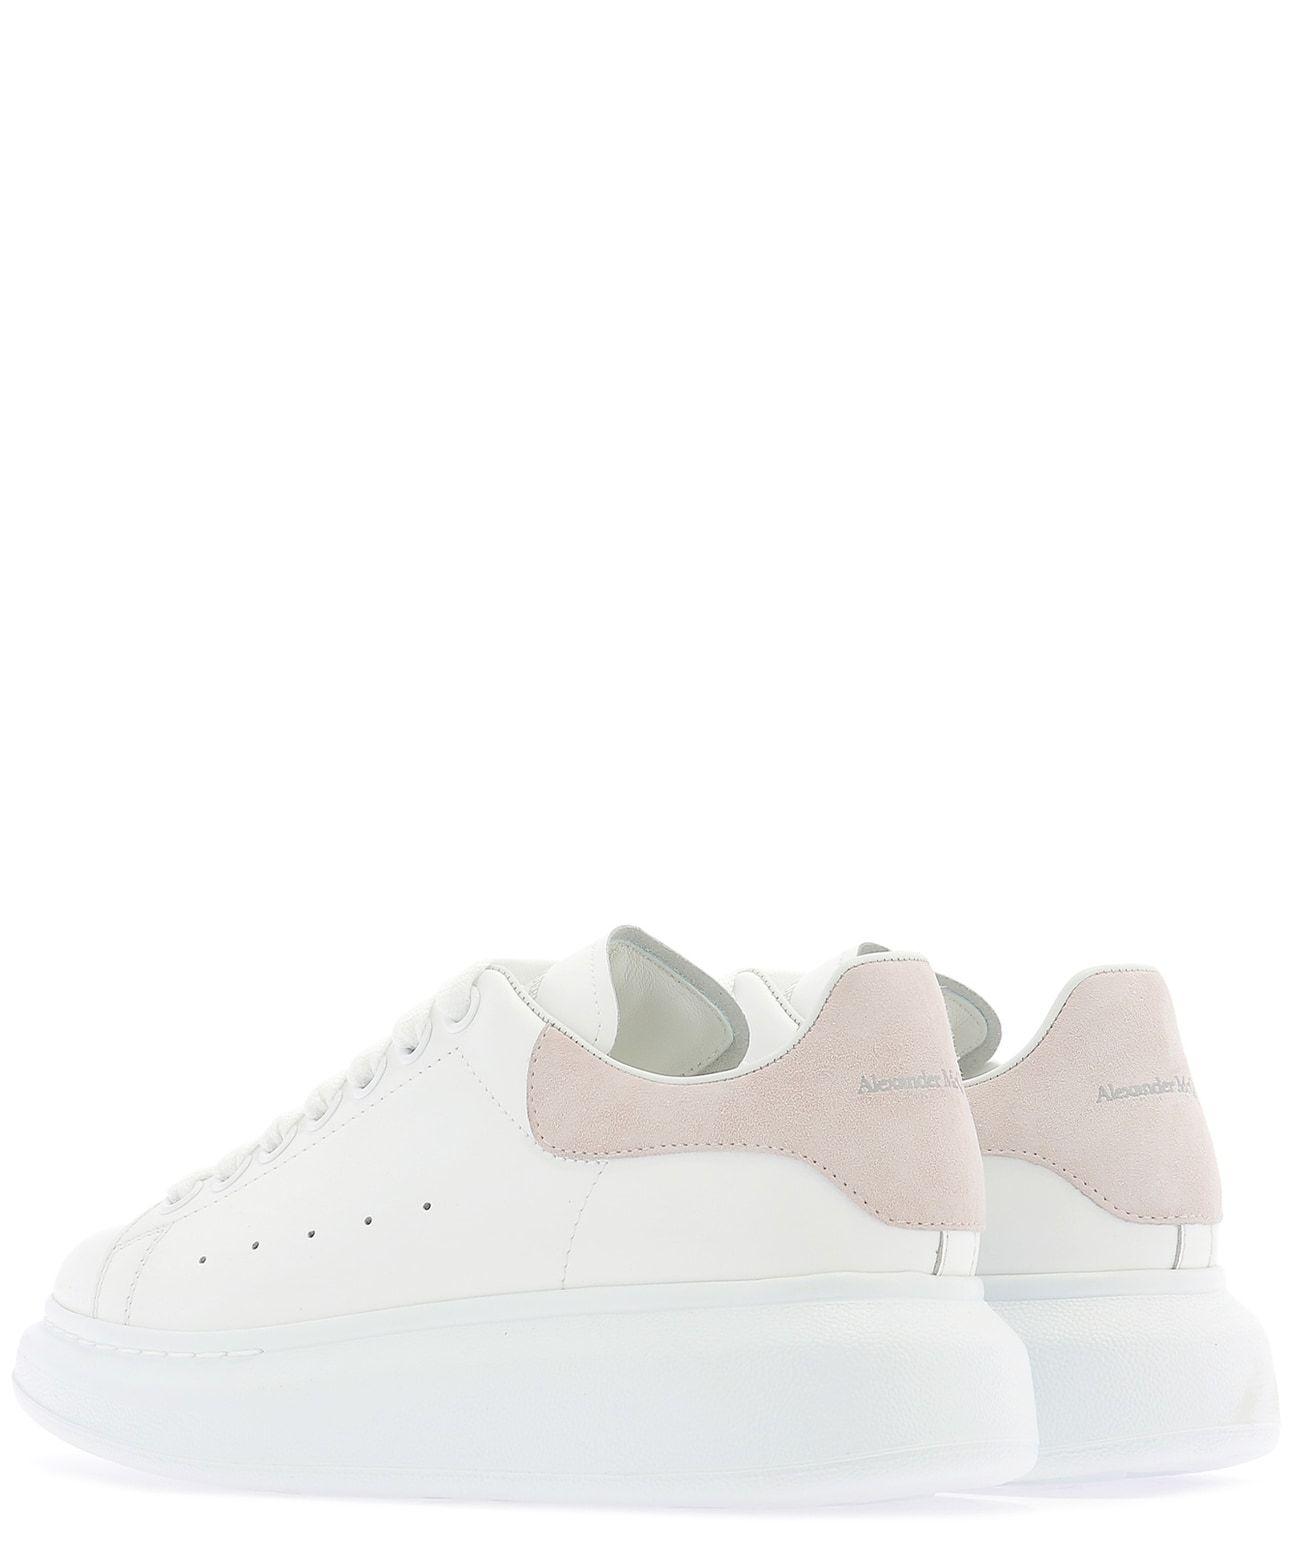 Köp Skor från Alexander McQueen för Man Online   FASHIOLA.se